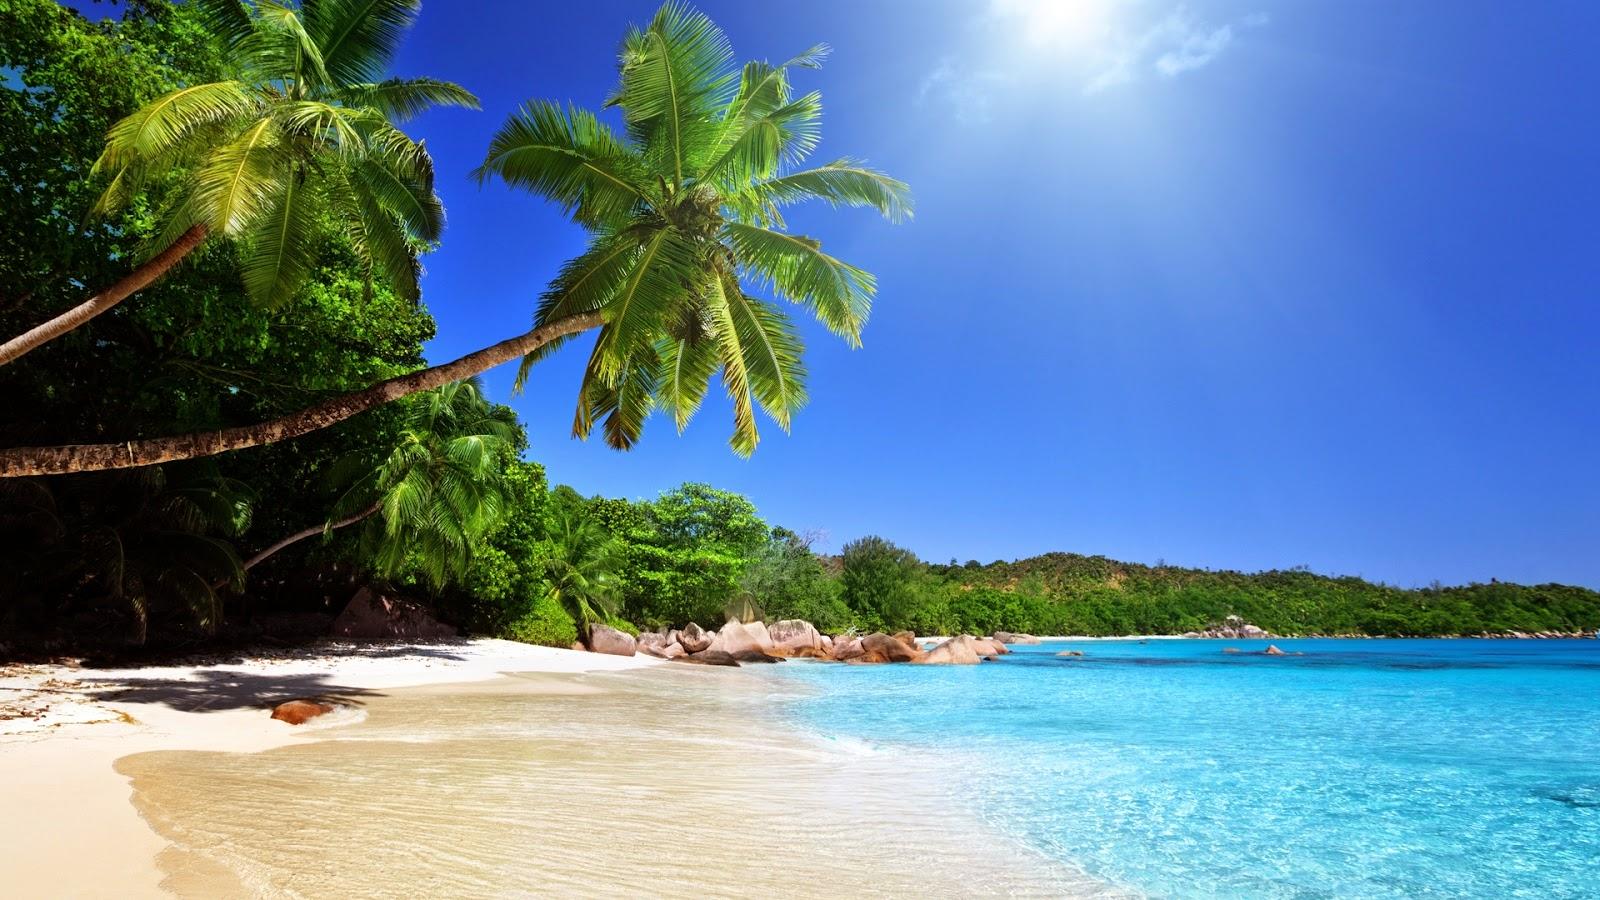 white sand beach view theme HD 1080p photography wallpaper PIXHOME 1600x900